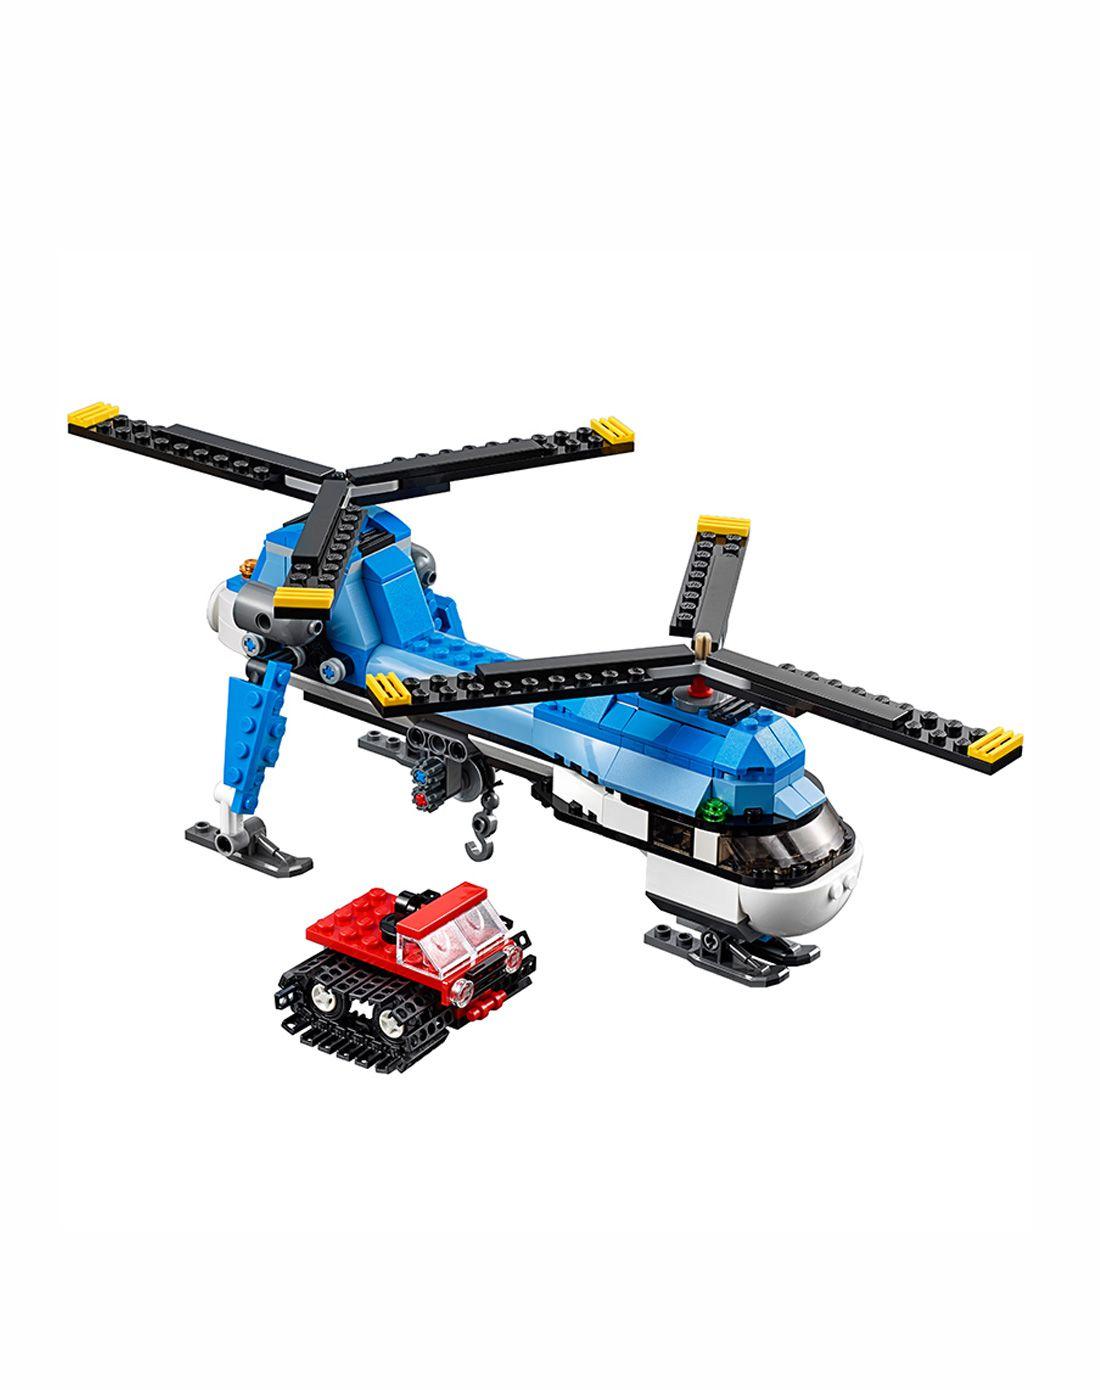 乐高 双旋翼直升机